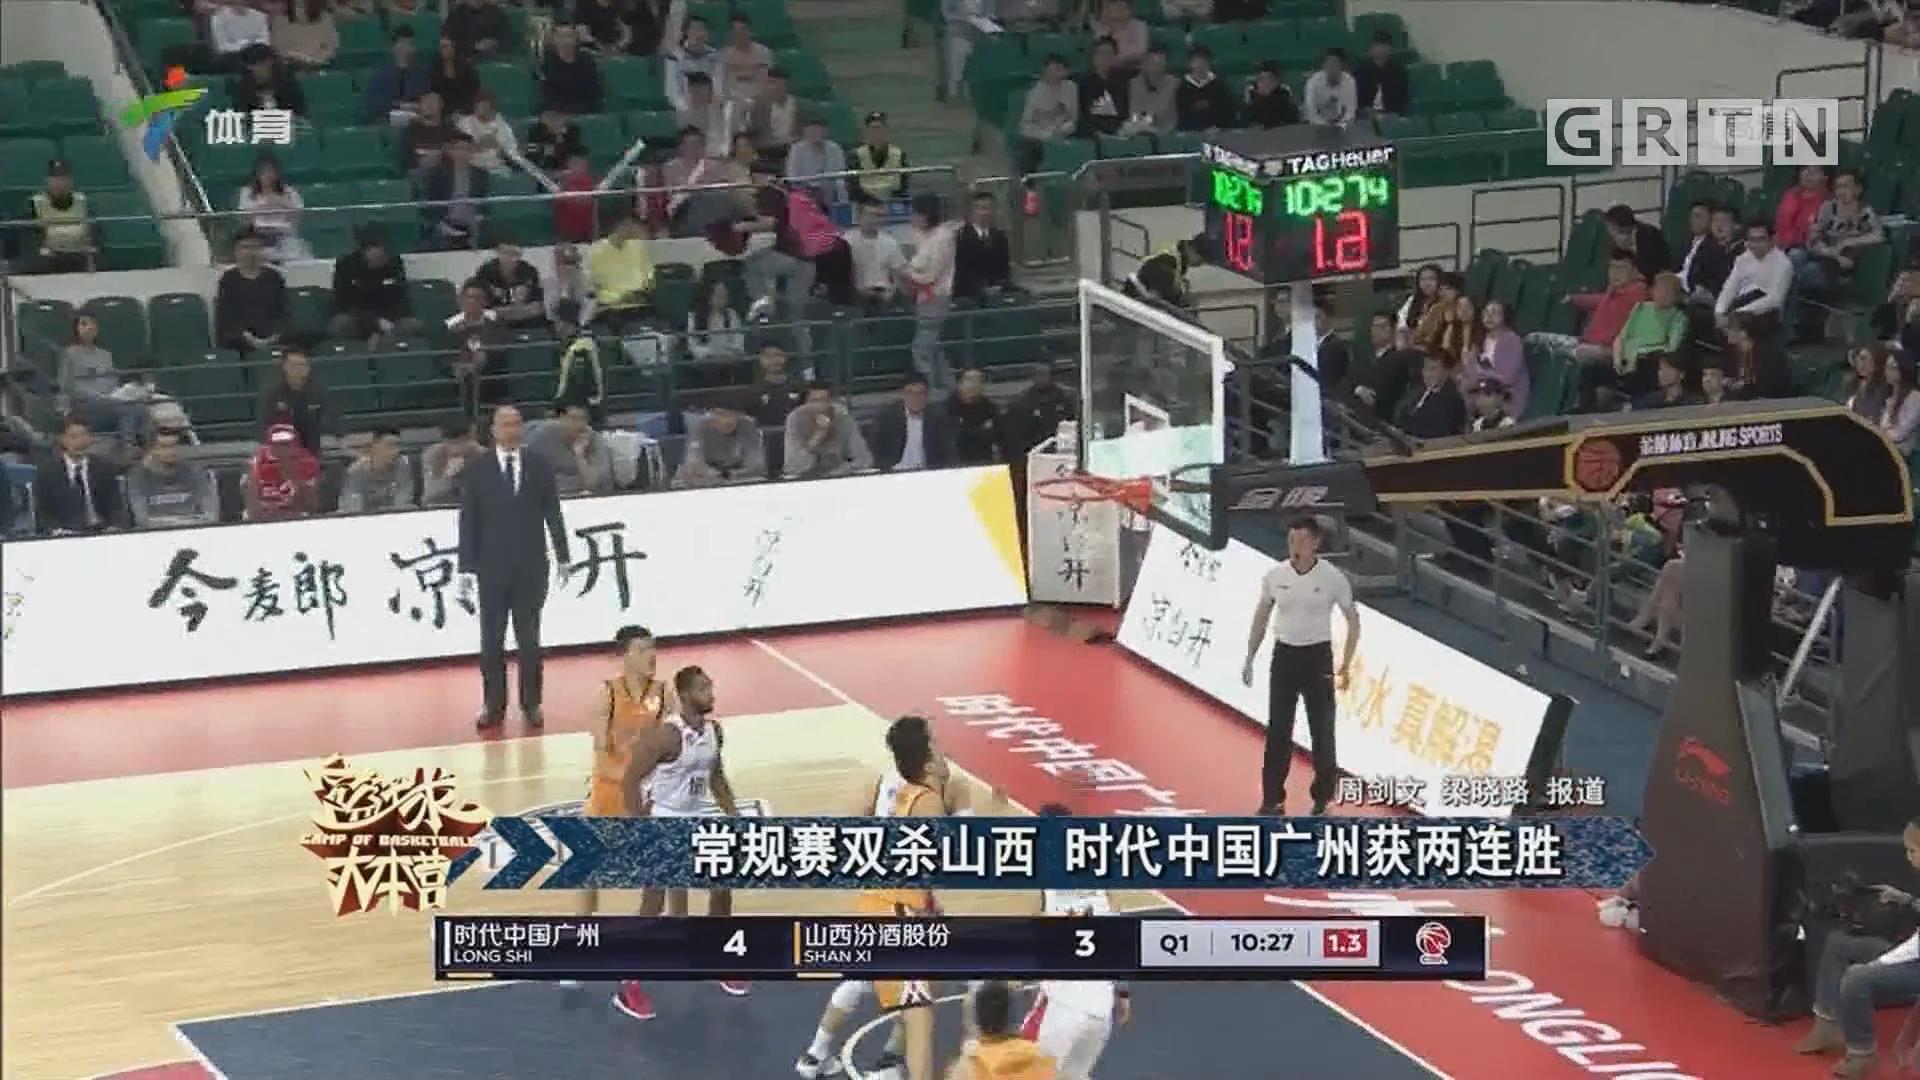 常规赛双杀山西 时代中国广州获两连胜